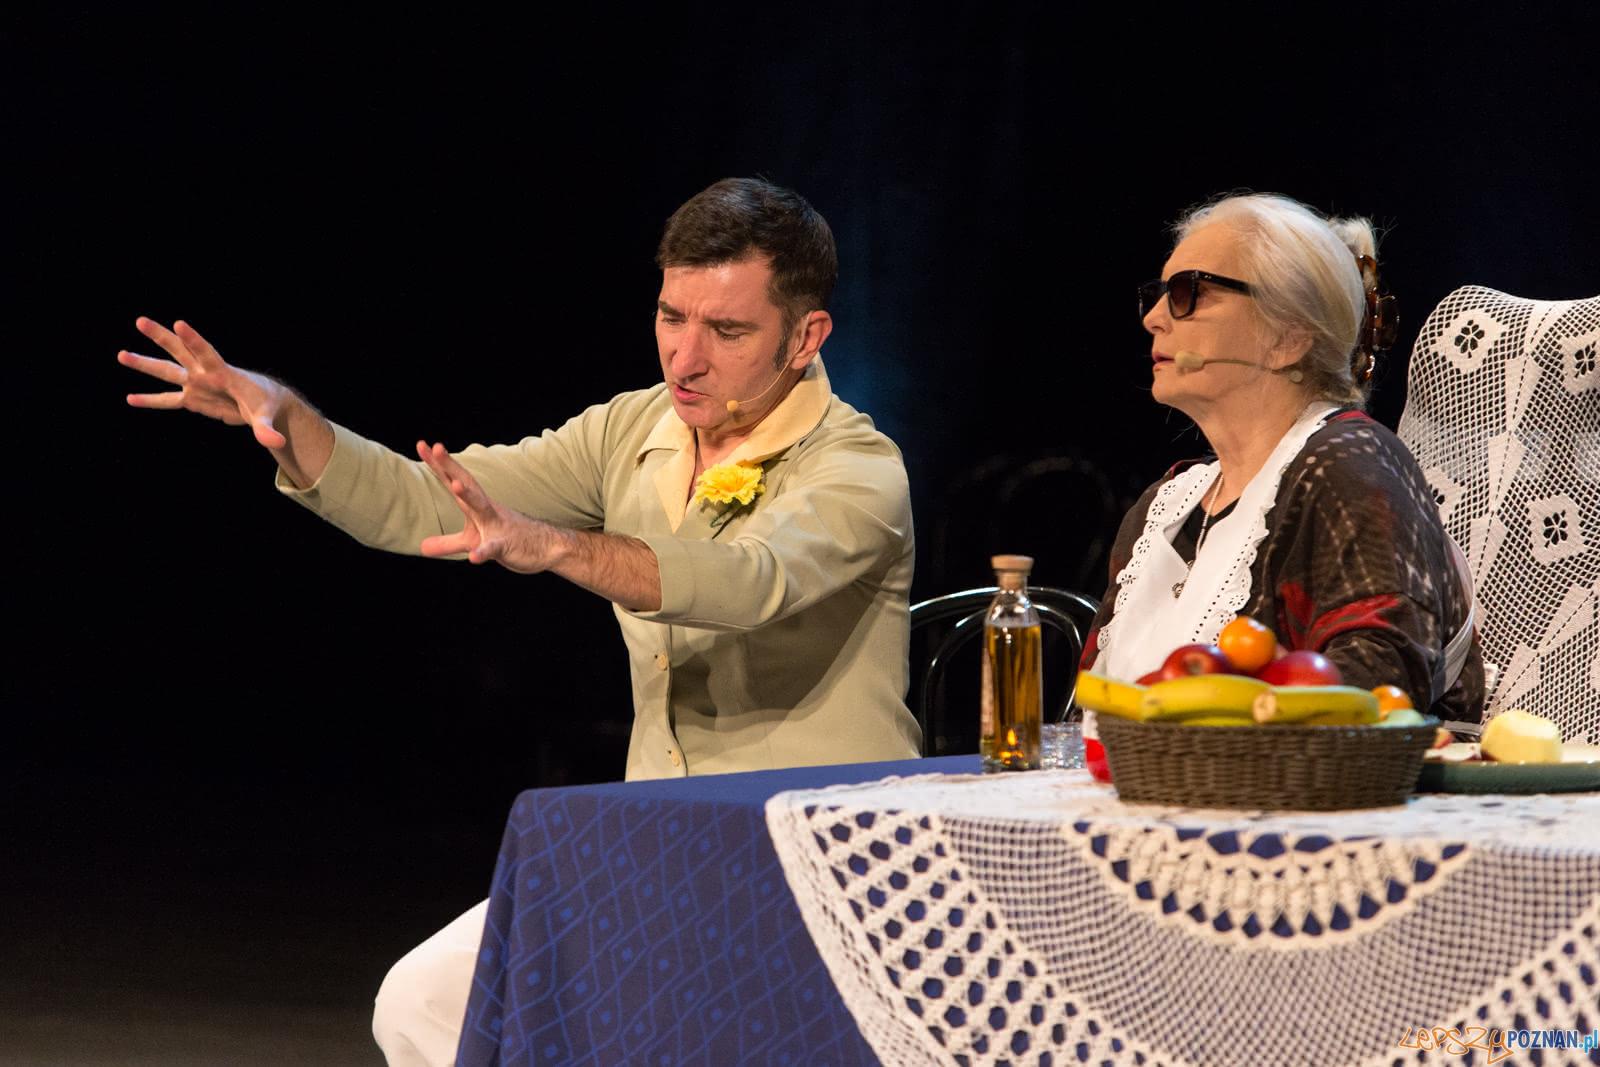 Przybora na 102, czyli Magda Umer i Mumio w Teatrze Wielkim - Poznań 26.11.2018 r.  Foto: LepszyPOZNAN.pl / Paweł Rychter